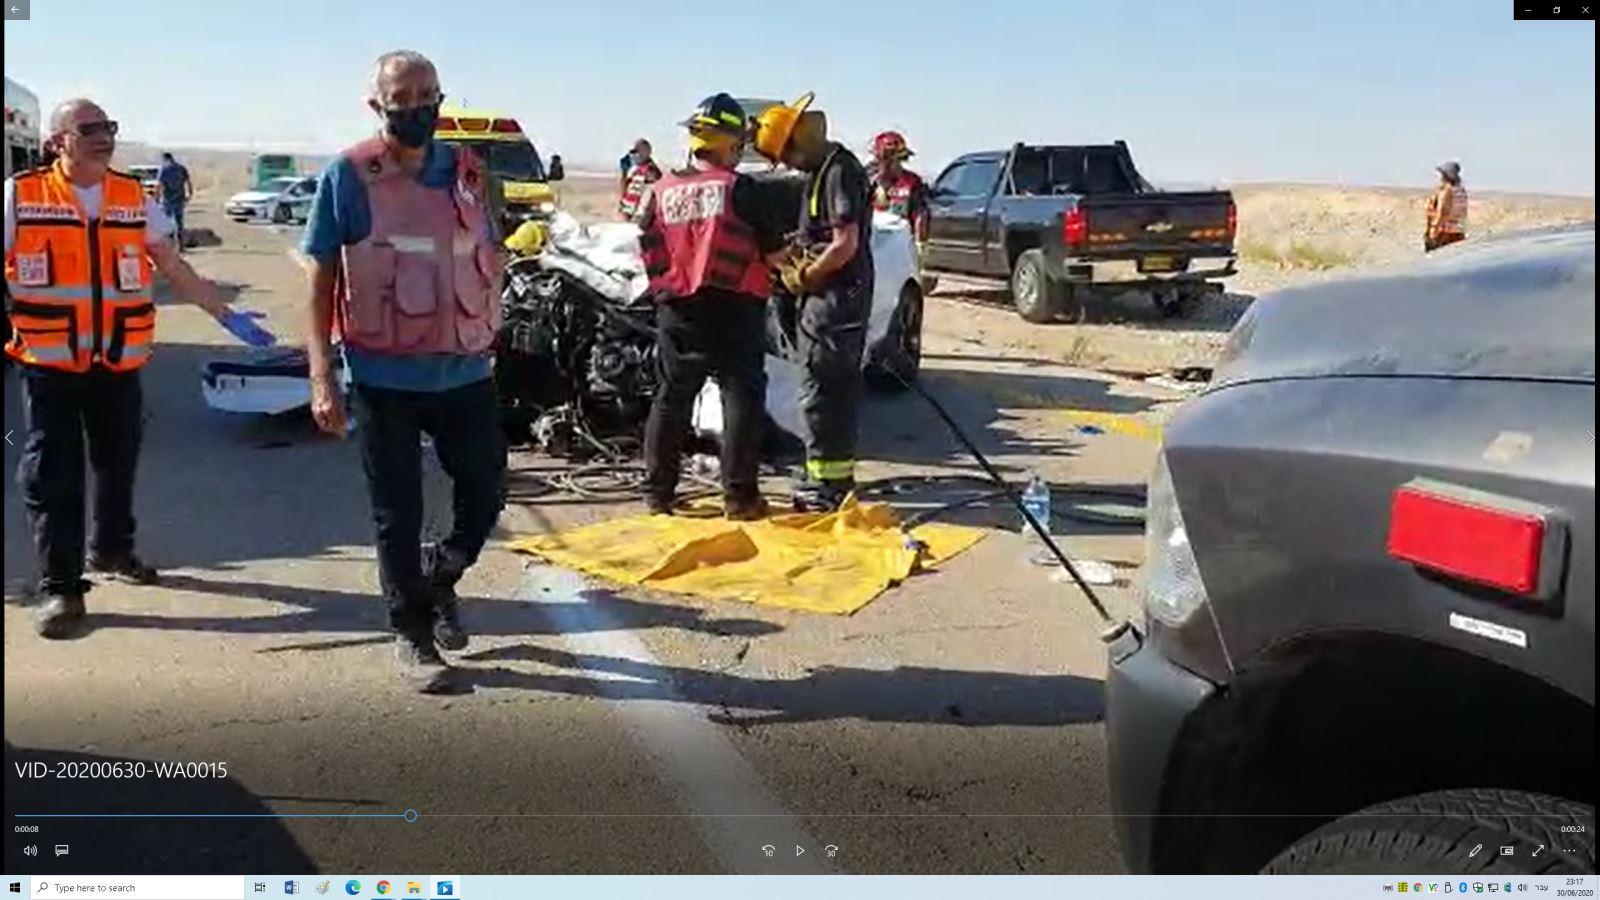 עדכון על התאונה בכביש 40 מאתמול